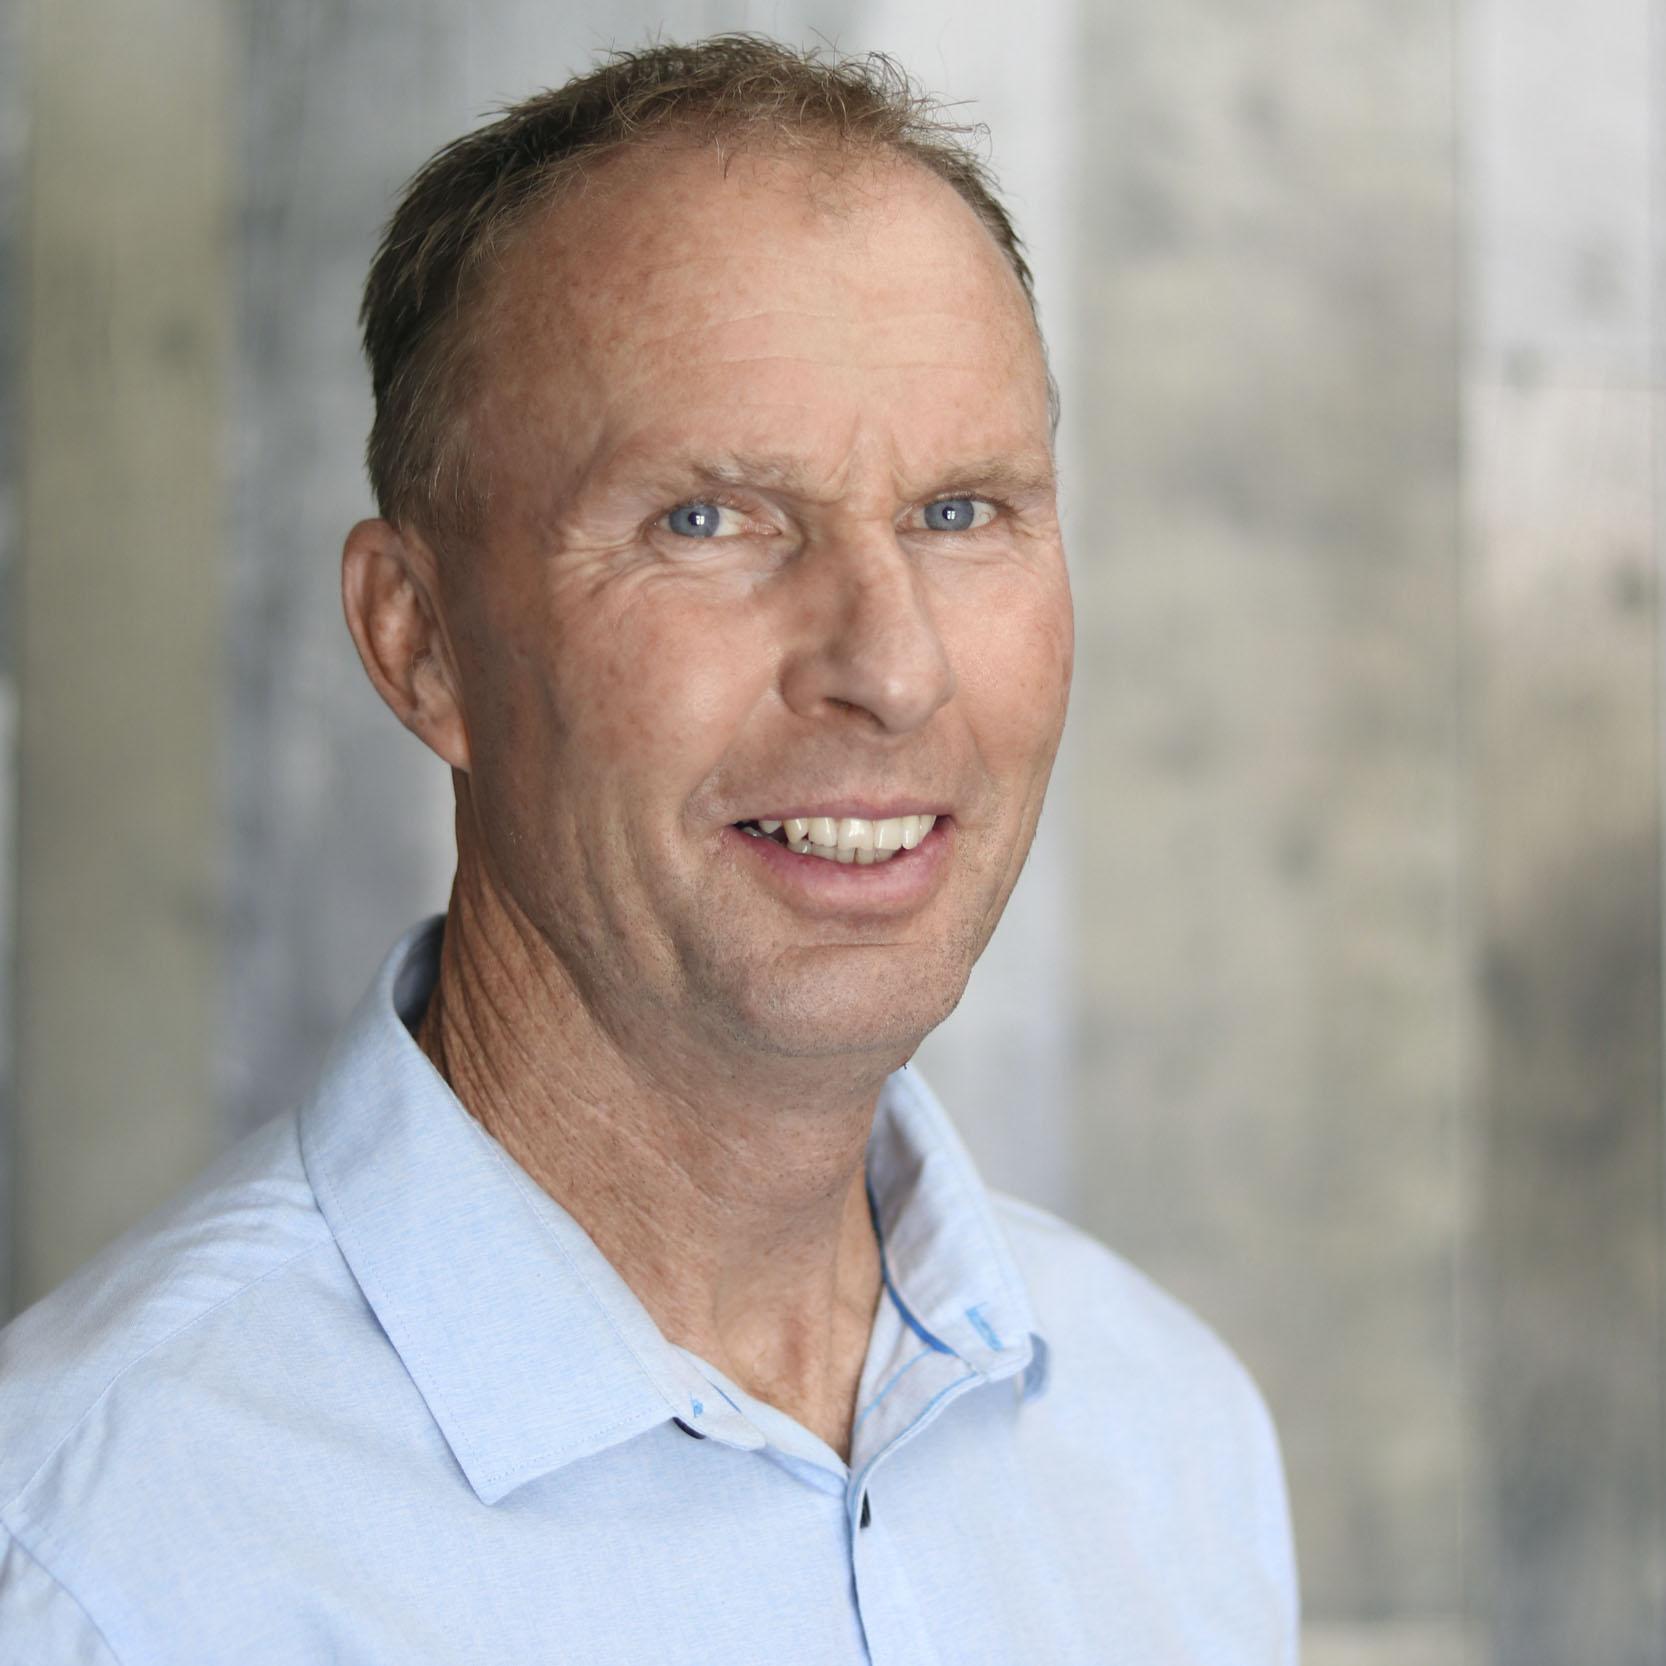 Ron van der Zalm